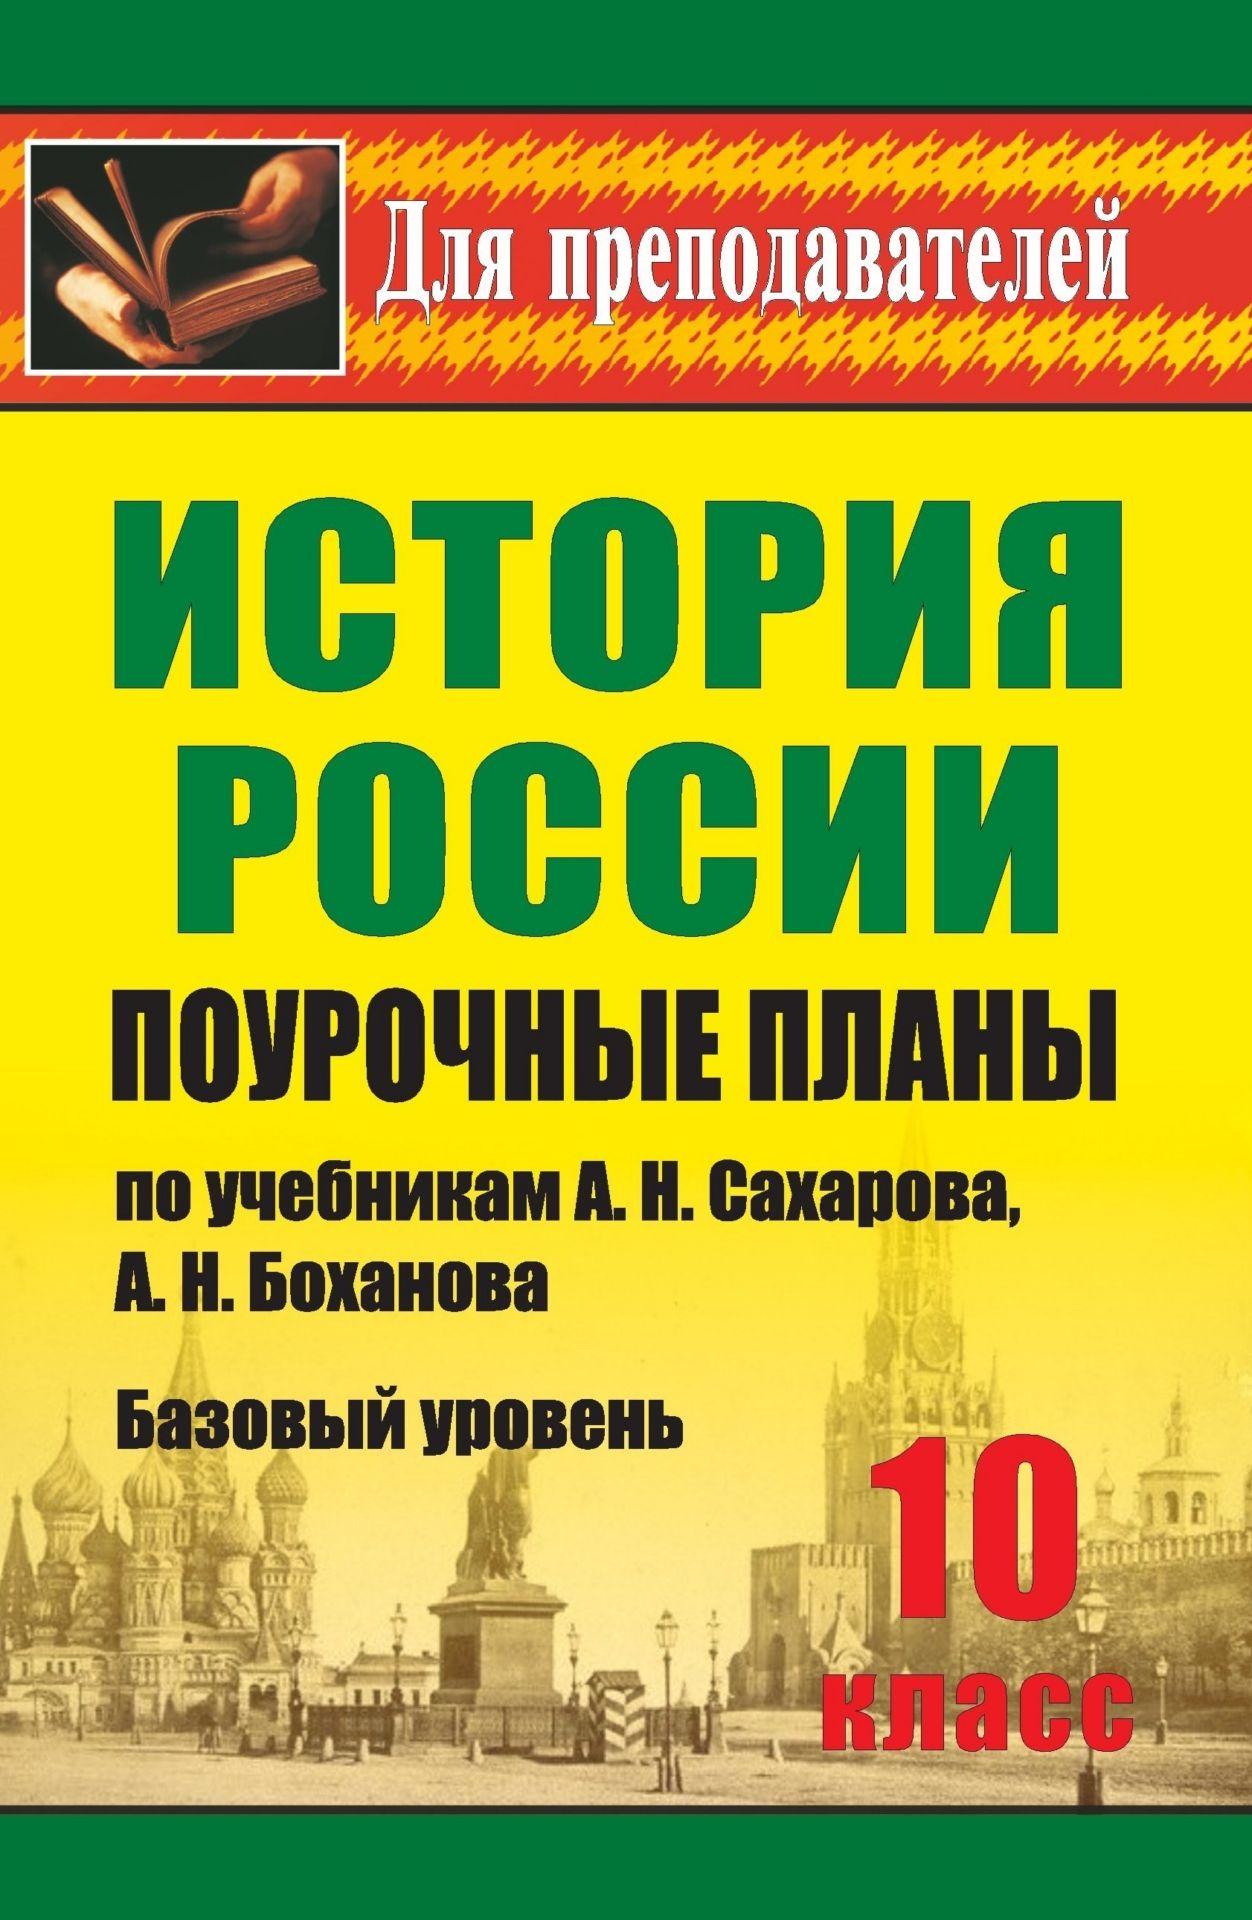 История. 10 класс: поурочные планы по учебникам А. Н. Сахарова, А. Н. Боханова. Базовый уровень